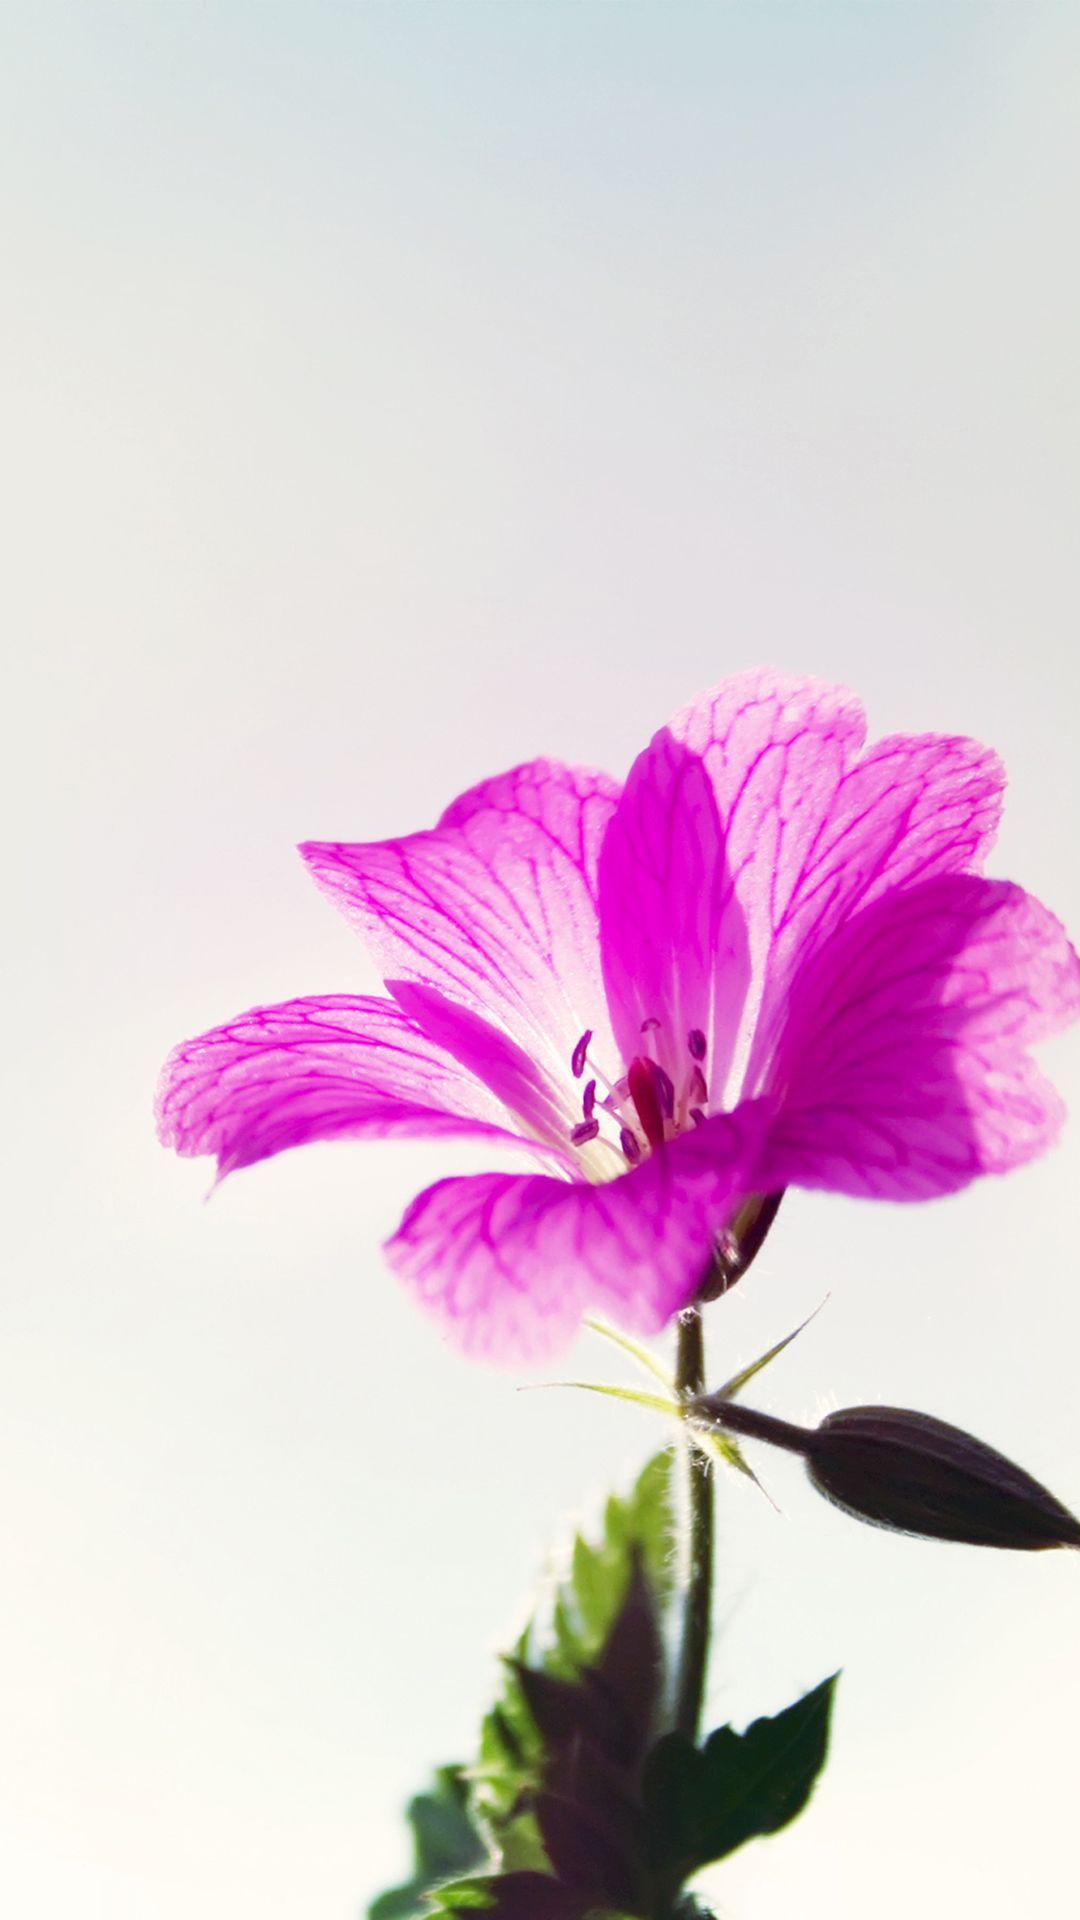 Little Purple Flower Macro iPhone 7 wallpaper Flower